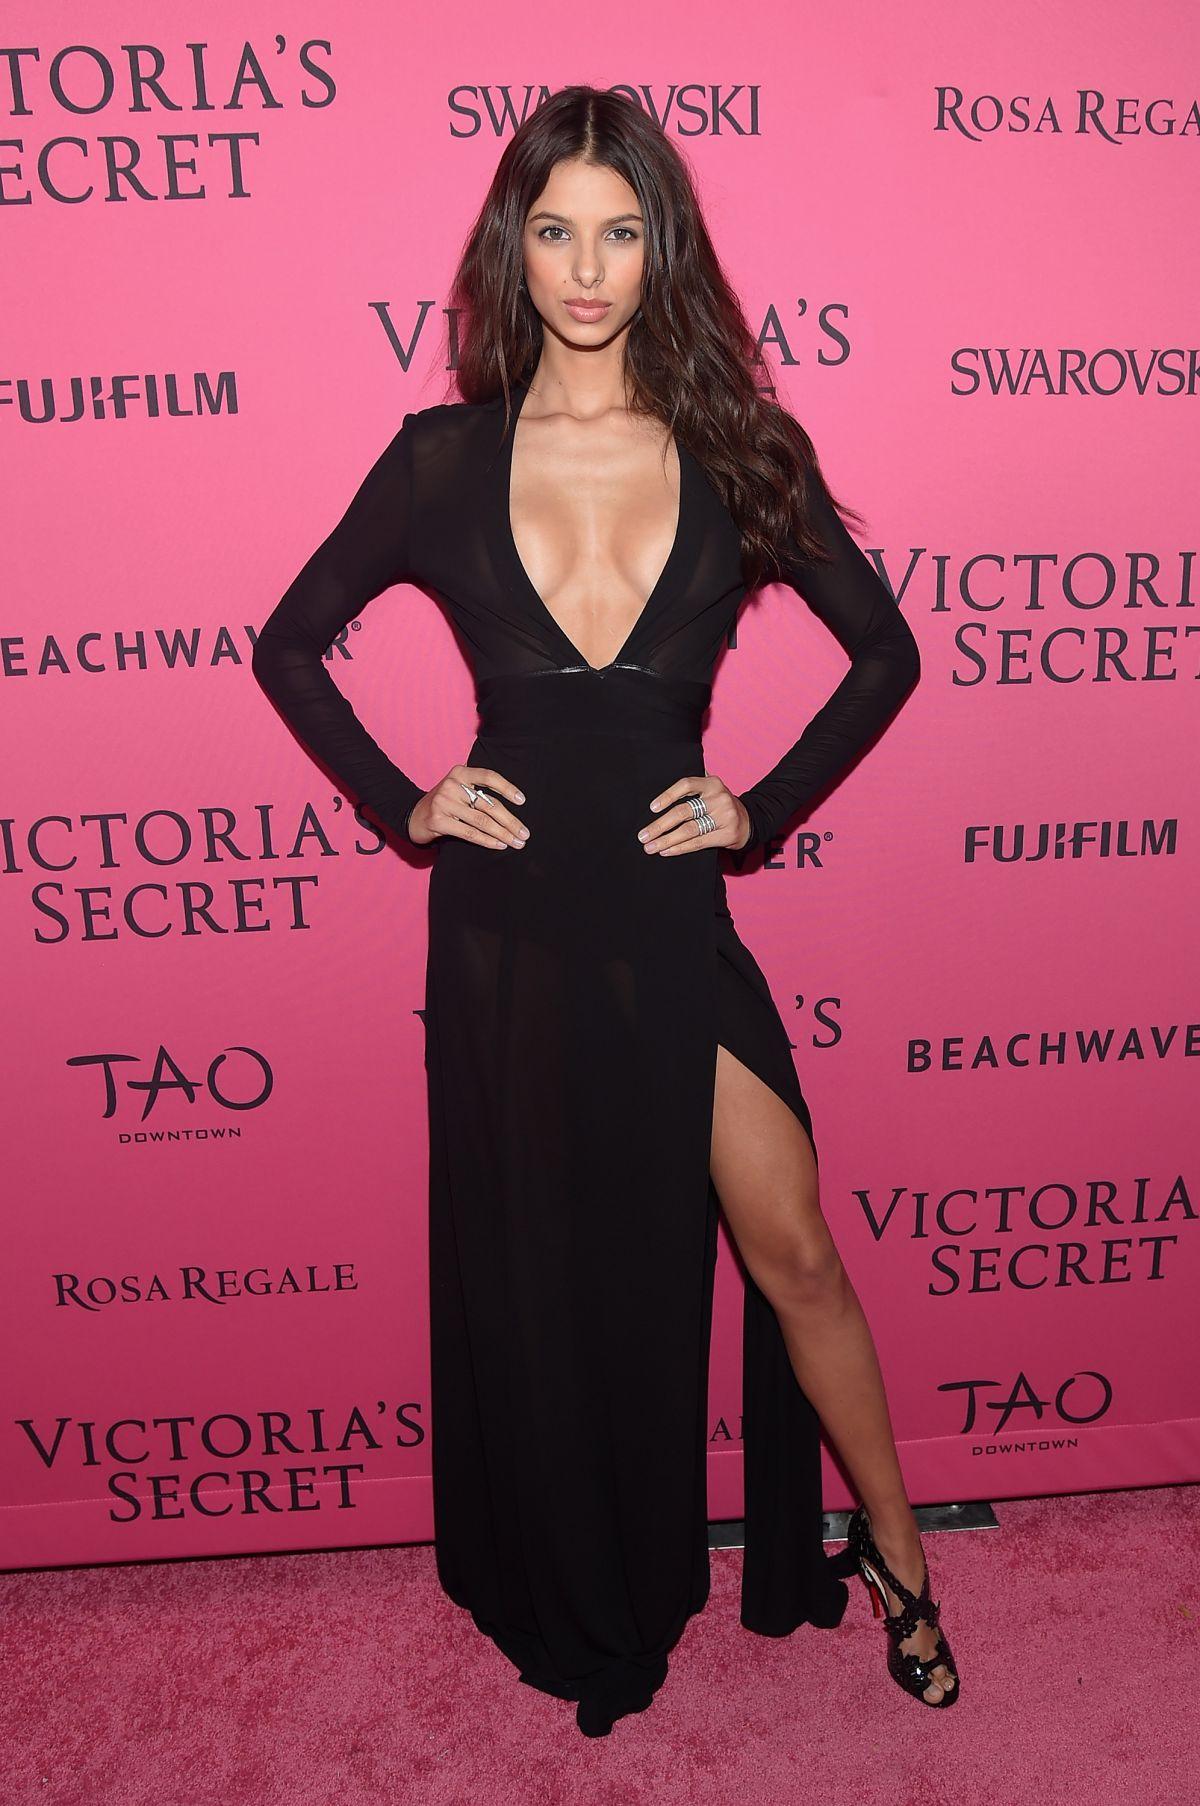 Bruna Lirio at Victorias Secret After Party @brunalirio